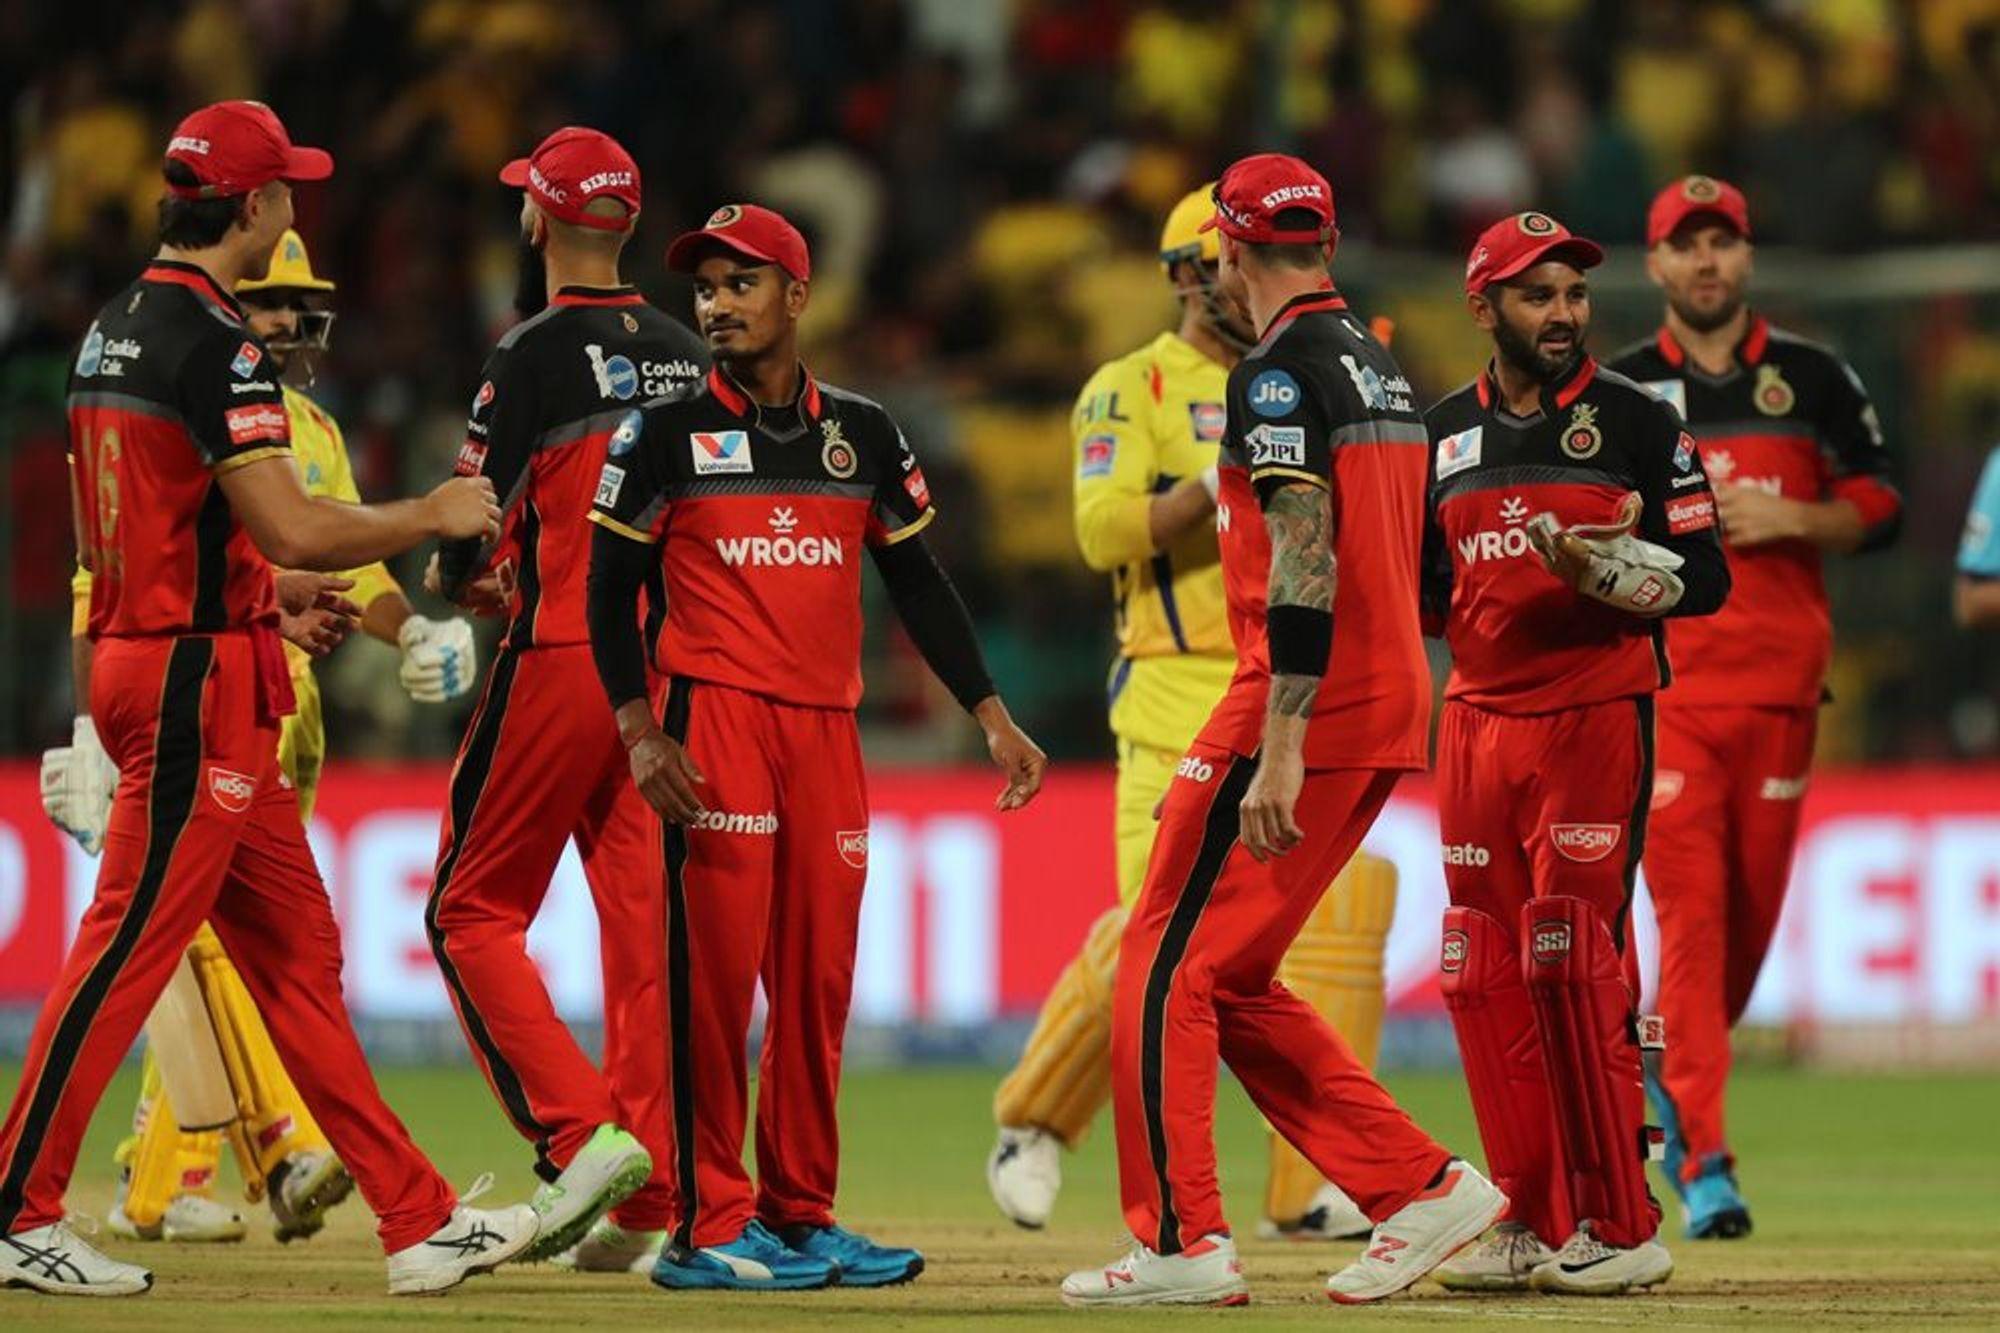 IPL 2019: संन्यास लेने तक रॉयल चैलेंजर्स बैंगलोर से खेलना चाहता है यह खिलाड़ी 22